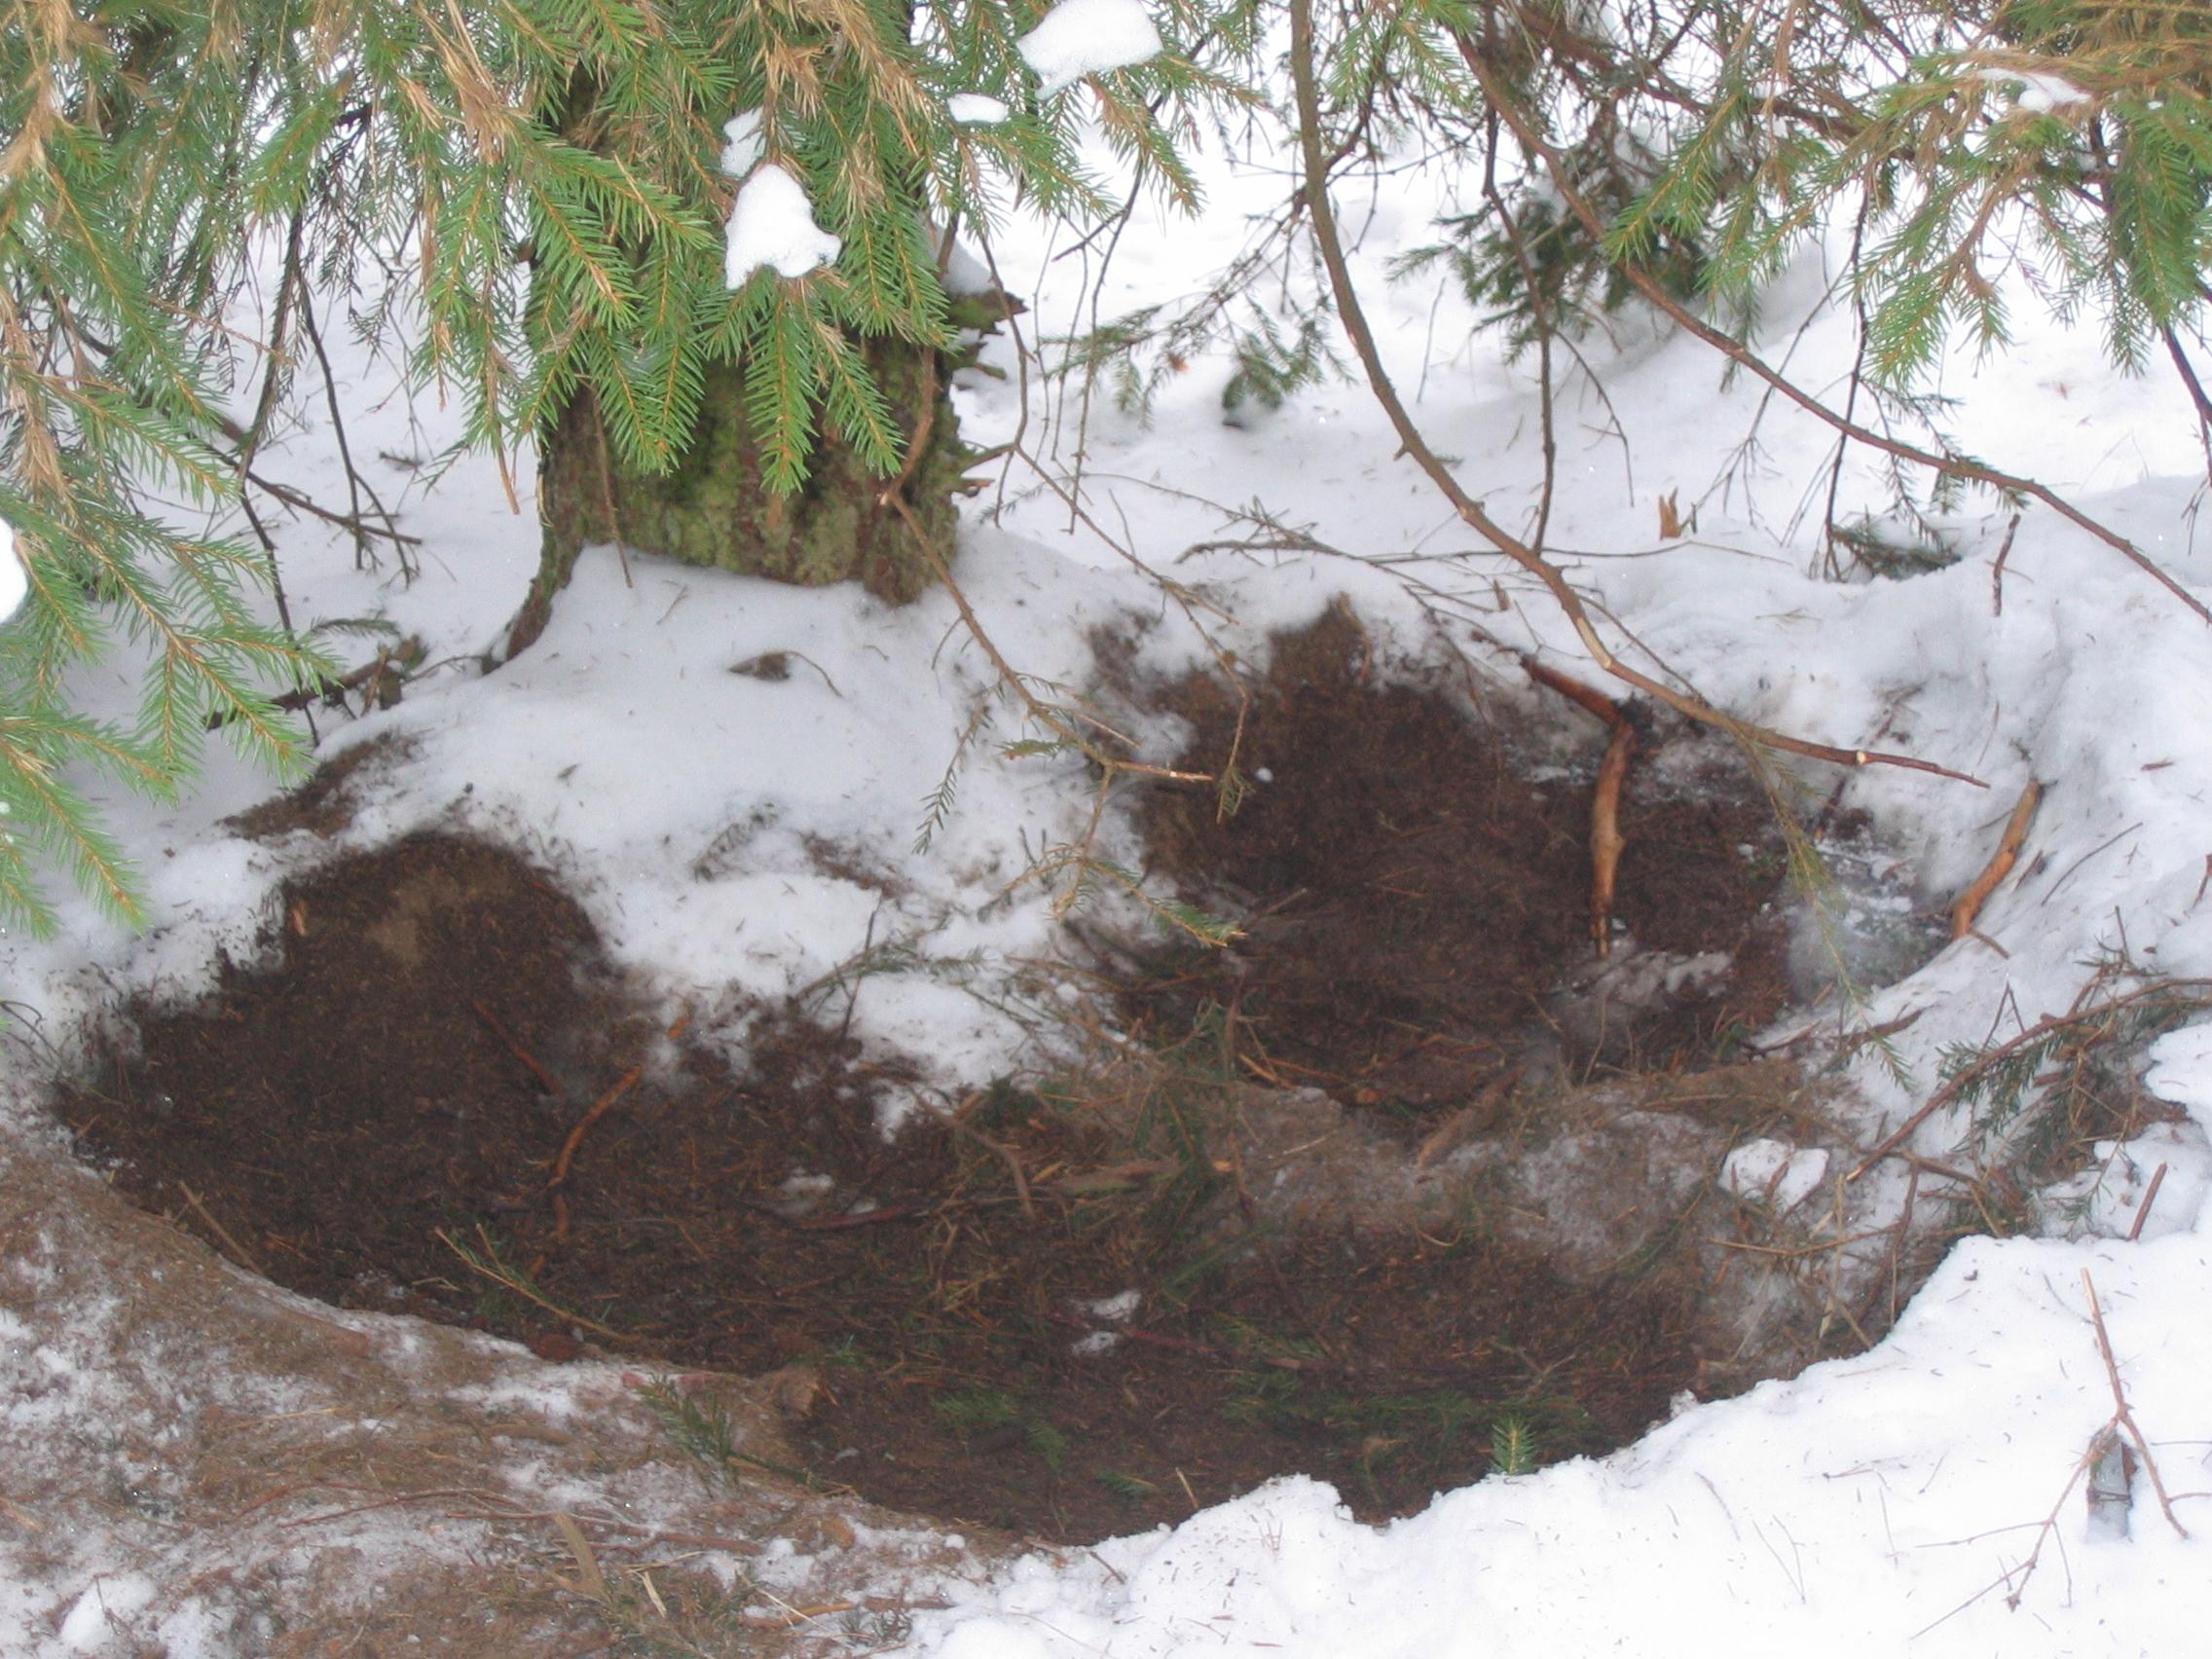 Powyżej: legowisko wilków Puszcza Augustowska, fot. Łukasz Ołdakowski